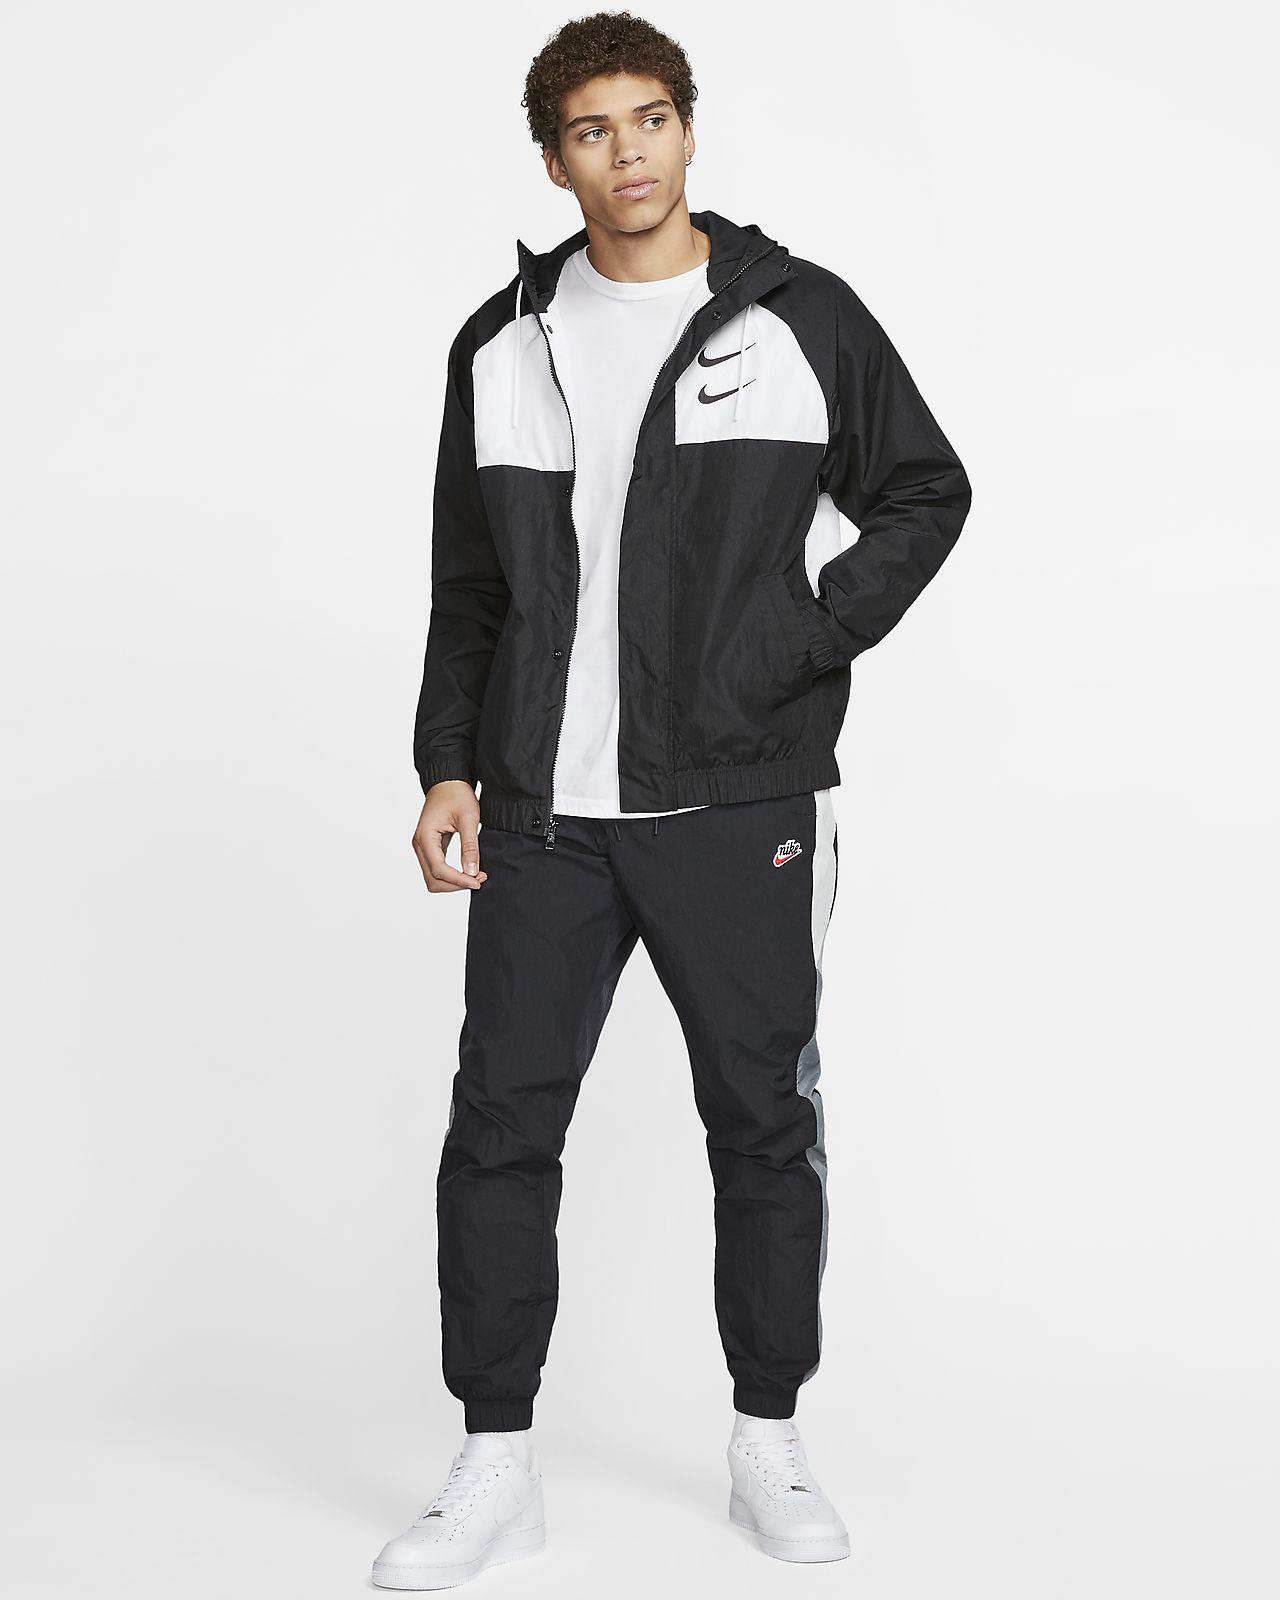 Giacca con cappuccio in woven Nike Sportswear Swoosh Uomo